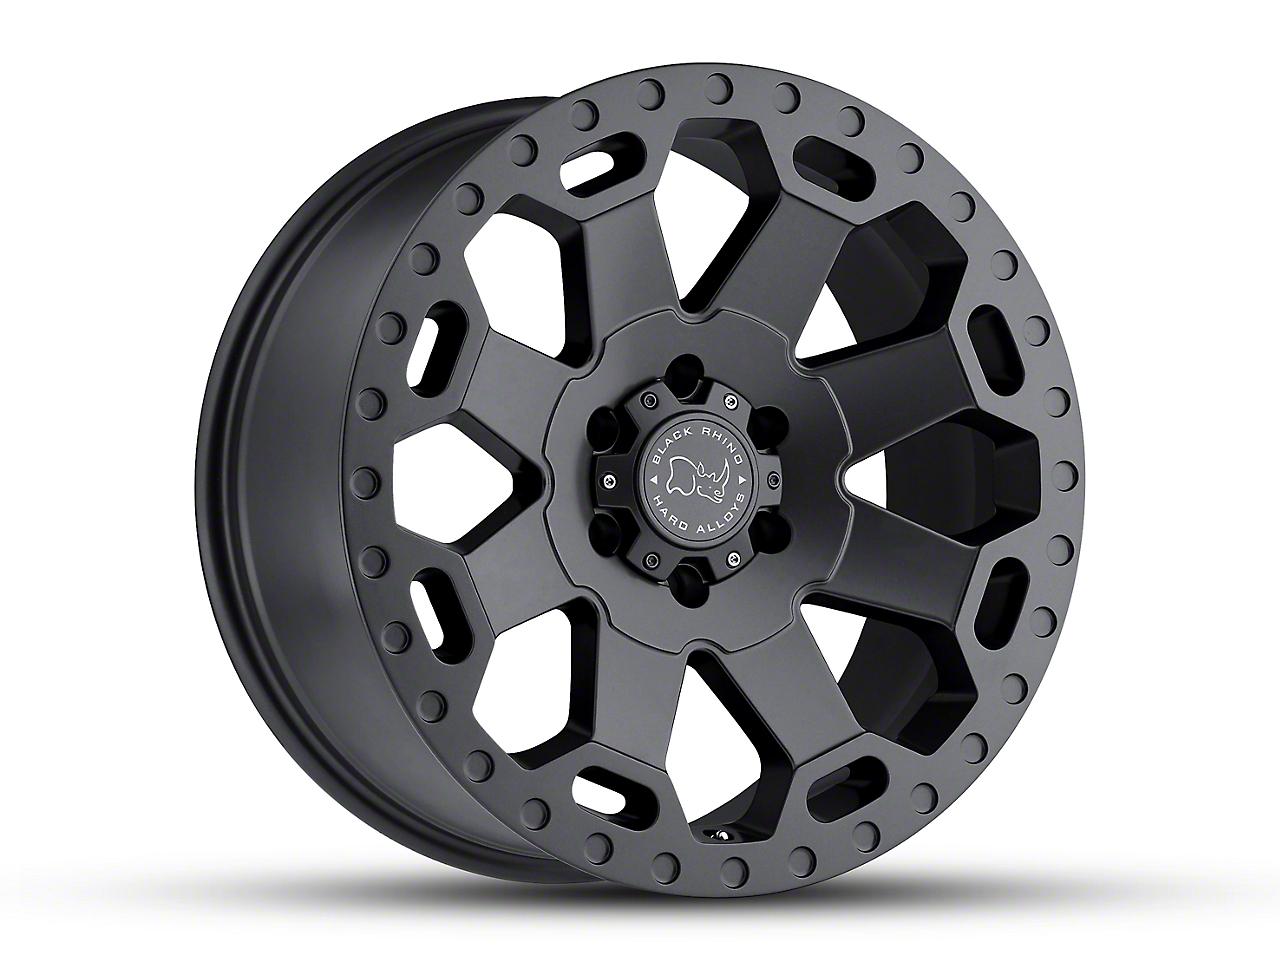 Black Rhino Warlord Matte Gunmetal 6-Lug Wheel - 17x9 (07-18 Silverado 1500)